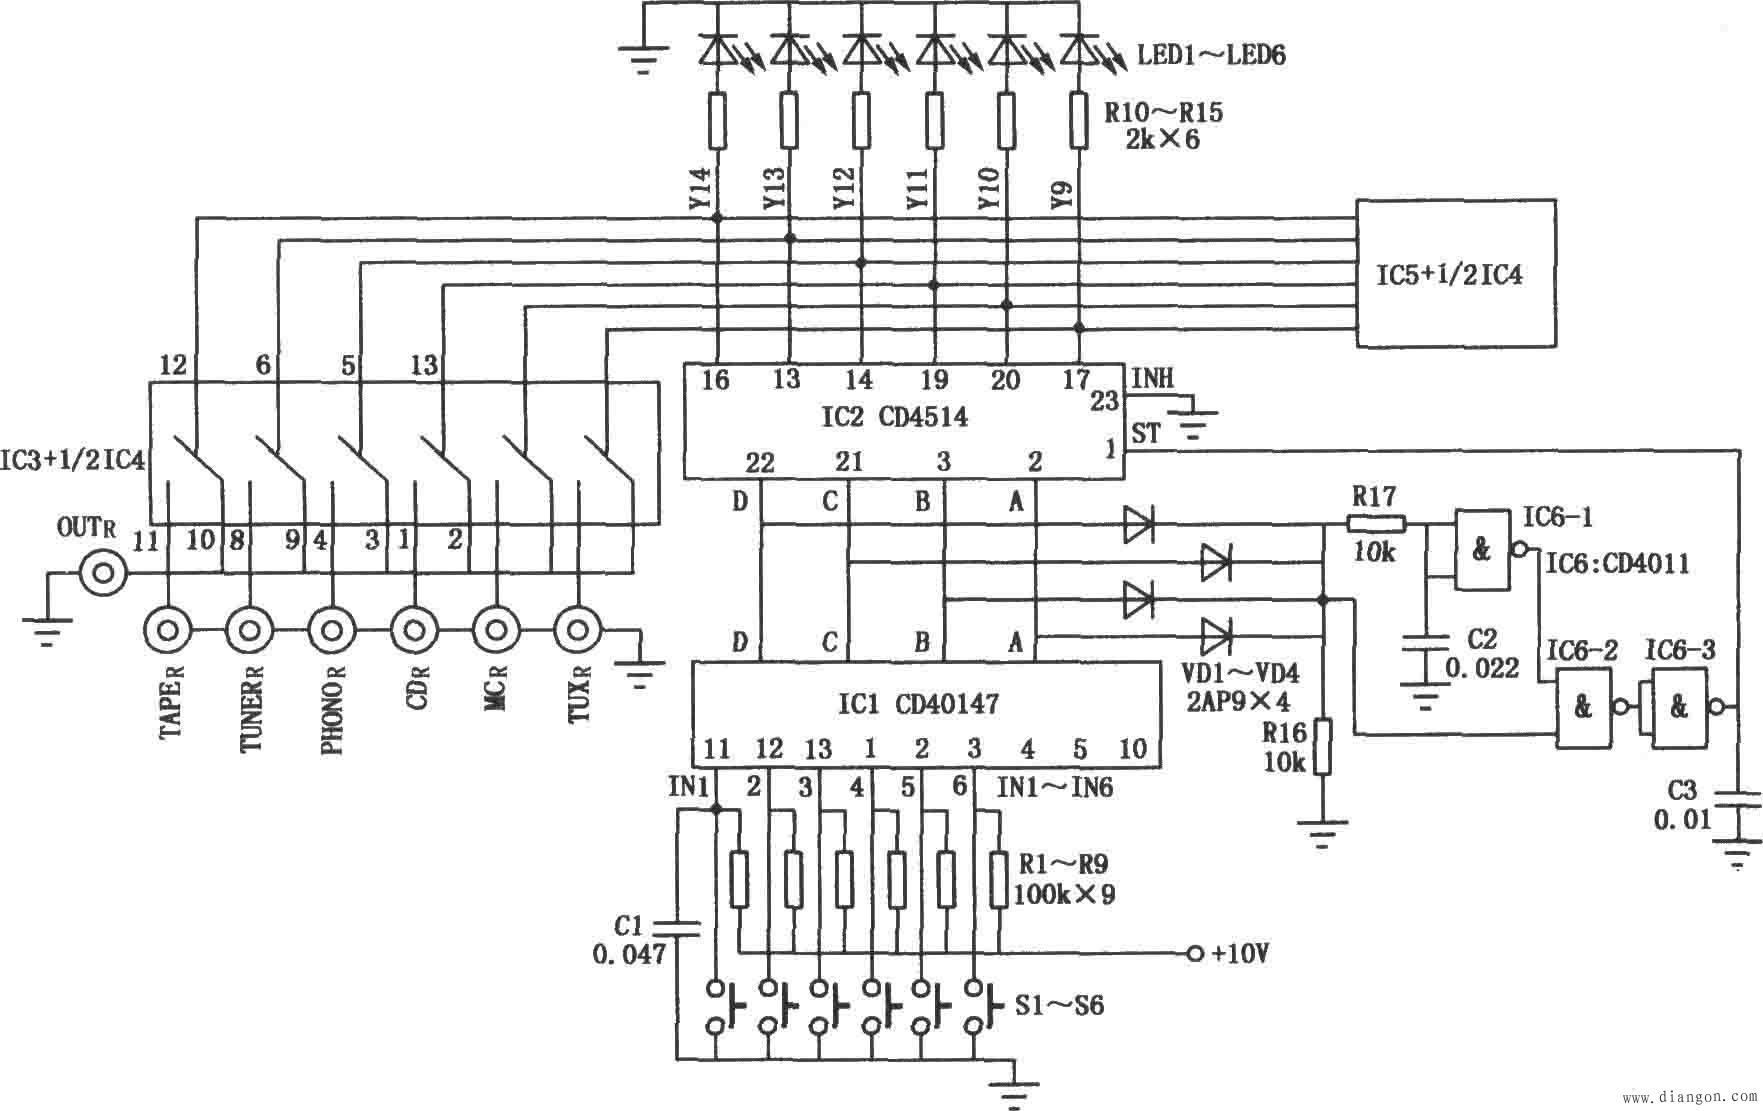 双电源自动切换开关工作原理接线图 双电源主要分为PC级双电源(整体式)和CB级双电源(双断路器式) PC级双电源:能够接通、承载、但不用于分断短路电流的双电源   双电源若选择不具有过电流脱扣器的负荷开关作为执行器则属于PC级自动转换开关。不具备保护功能,但其具备较高的耐受和接通能力,能够确保开关自身的安全,不因过载或短路等故障而损坏,在此情况下保证可靠的接通回路。 CB级双电源:配备过电流脱扣器的双电源,它的主触头能够接通并用于分断短路电流 双电源若选择具有过电流脱扣器的断路器作为执行器则属于CB级自